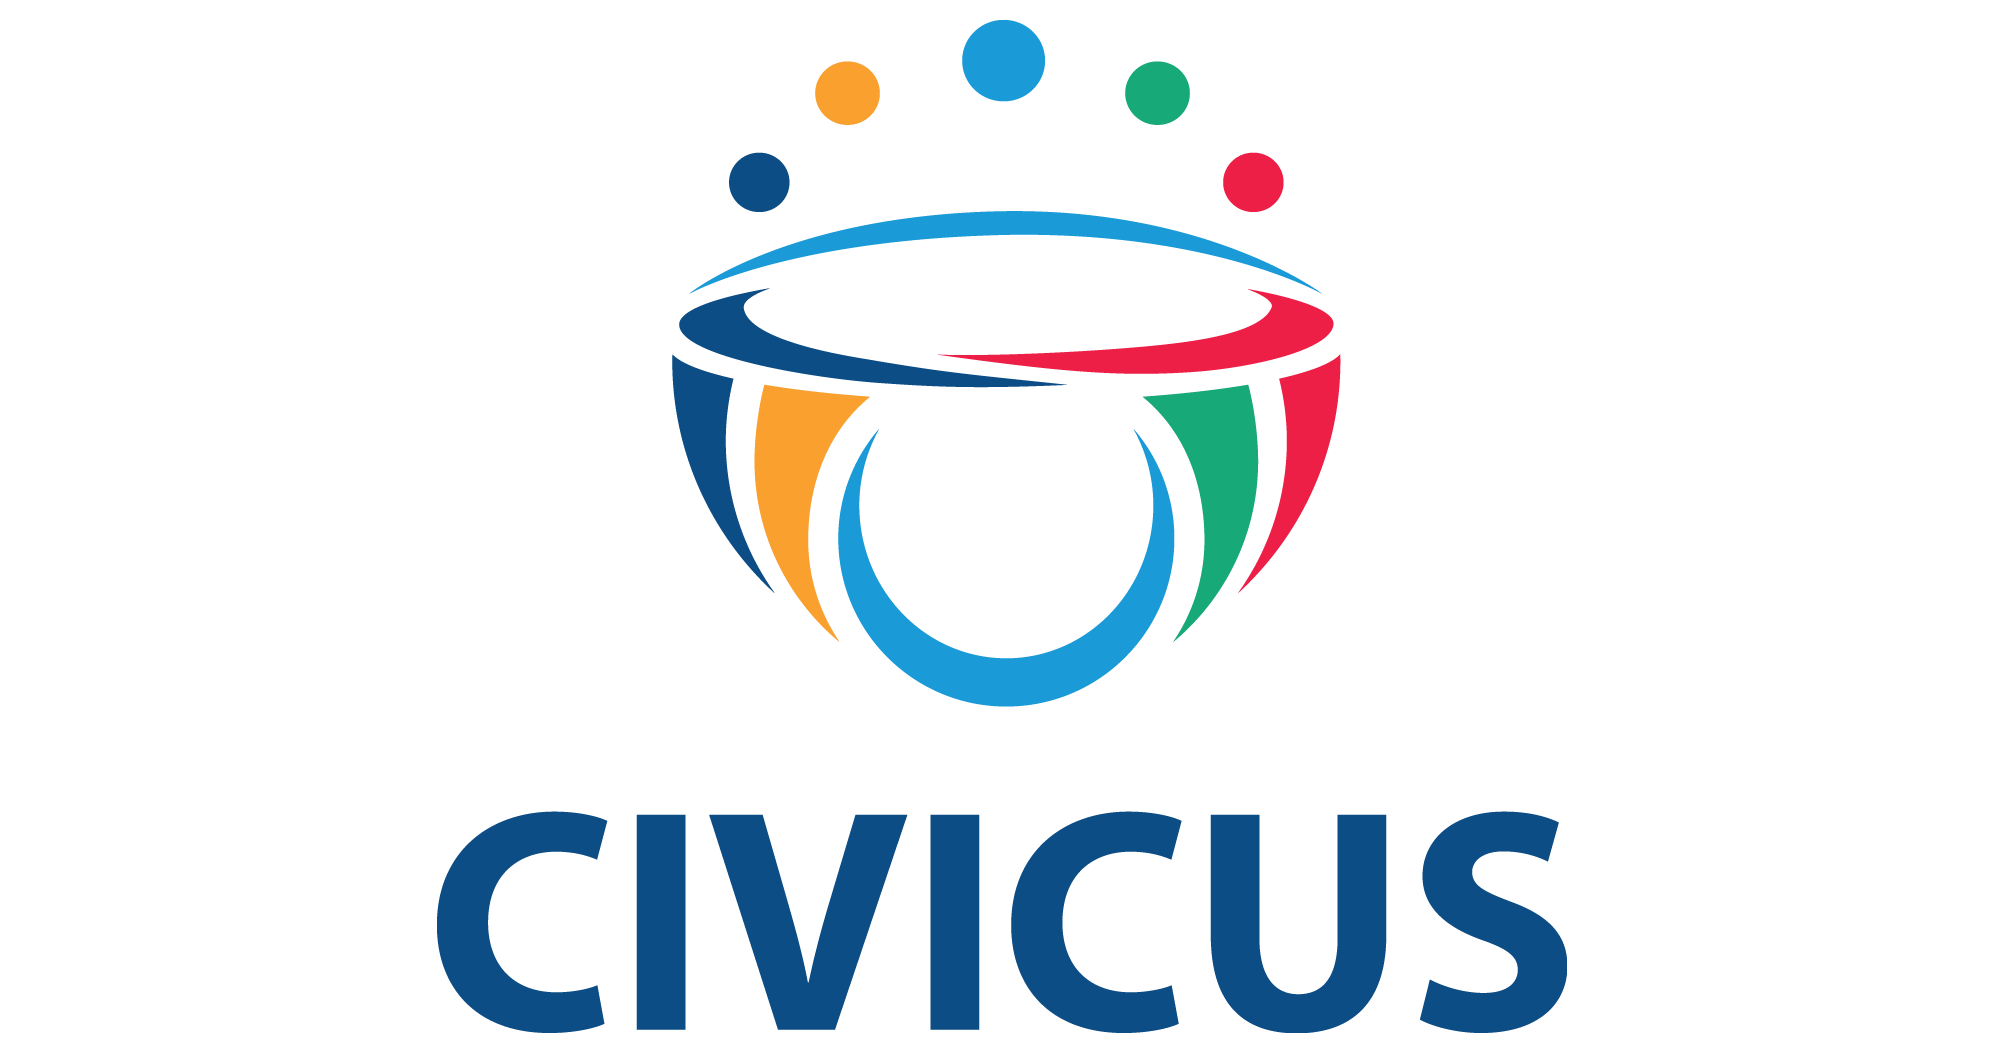 CIVICUS.png